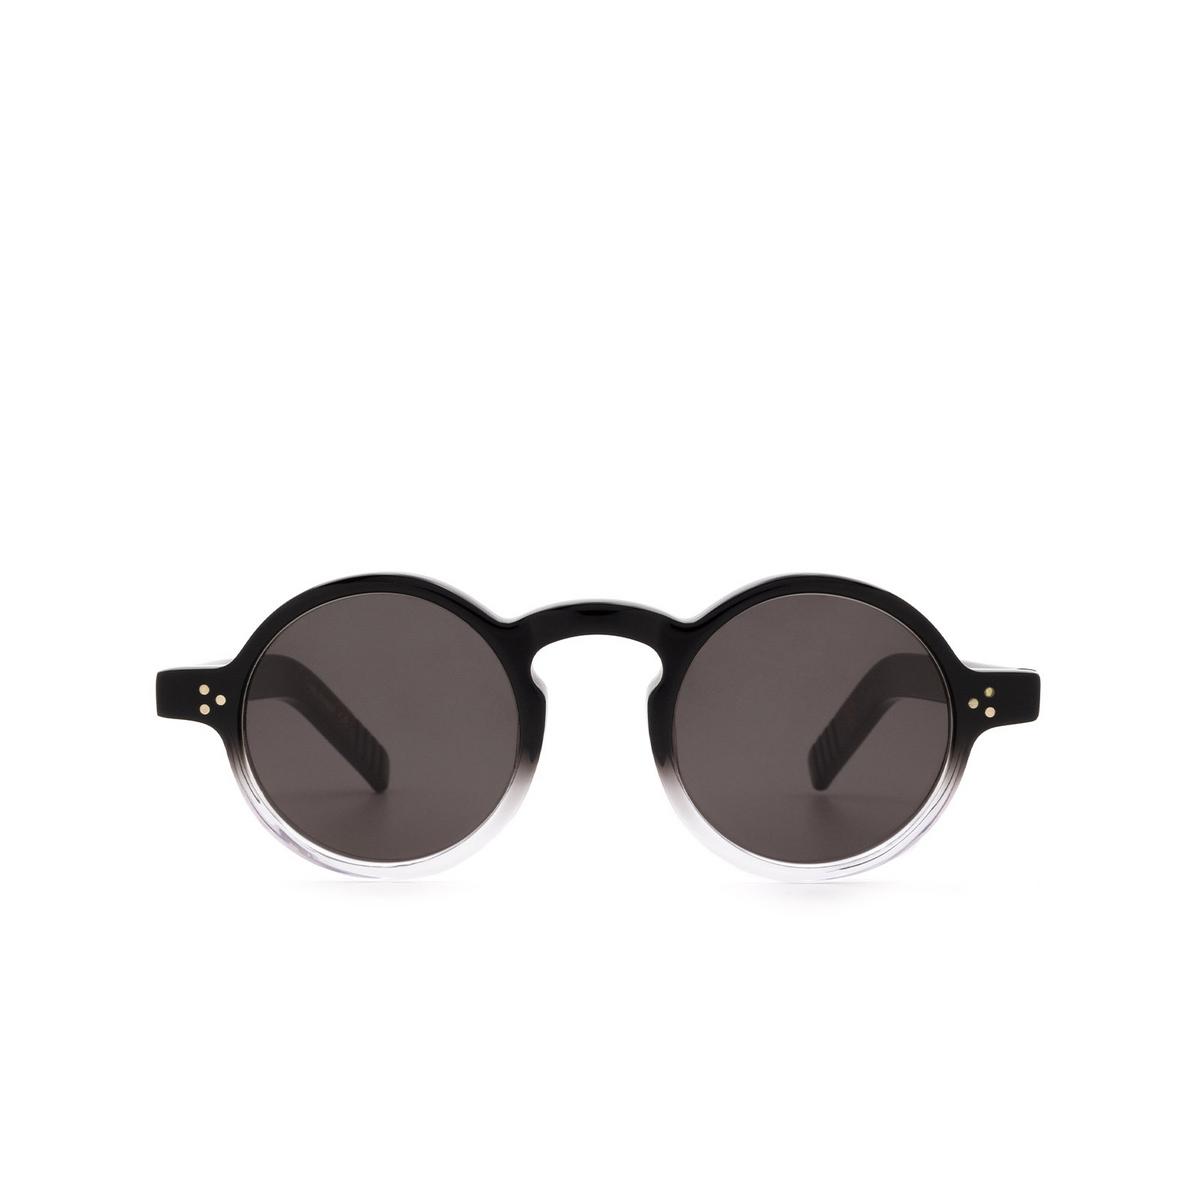 Lesca® Round Sunglasses: S.freud color Noir Degradé Deg - front view.